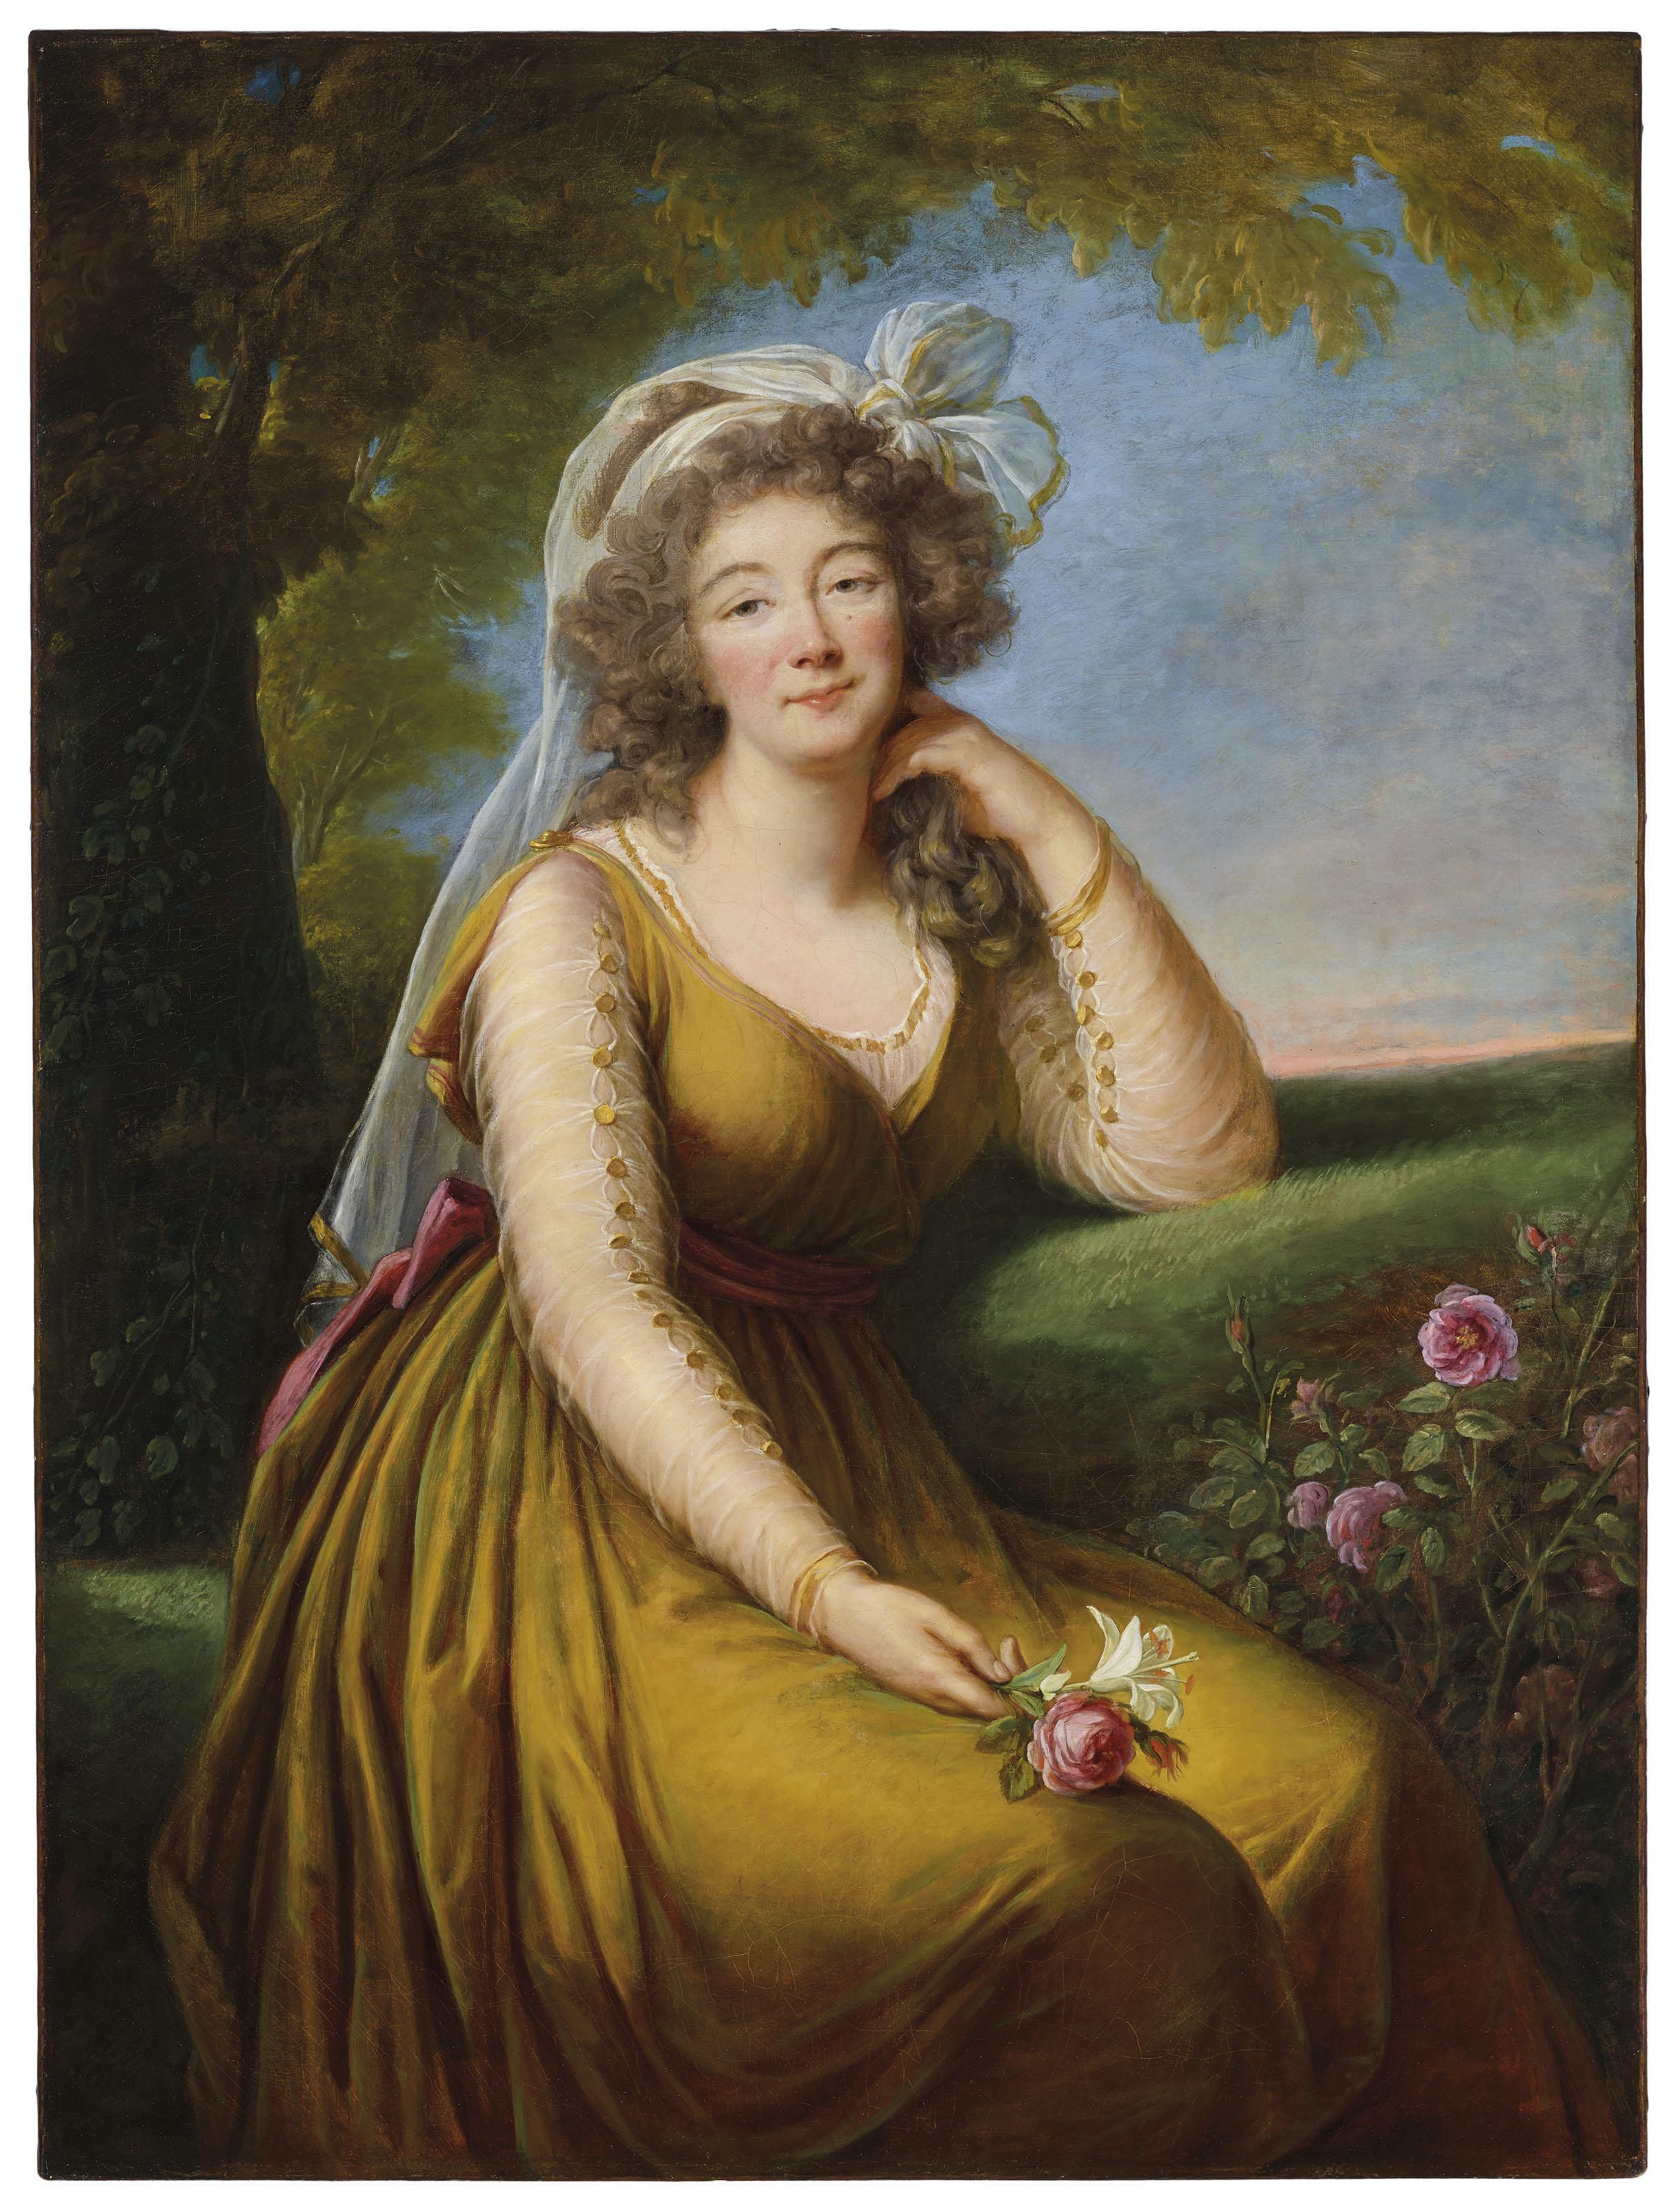 Portrait of Madame du Barry, Élisabeth-Louise Vigée Le Brun. 1789, oil on canvas. Image: Christie's